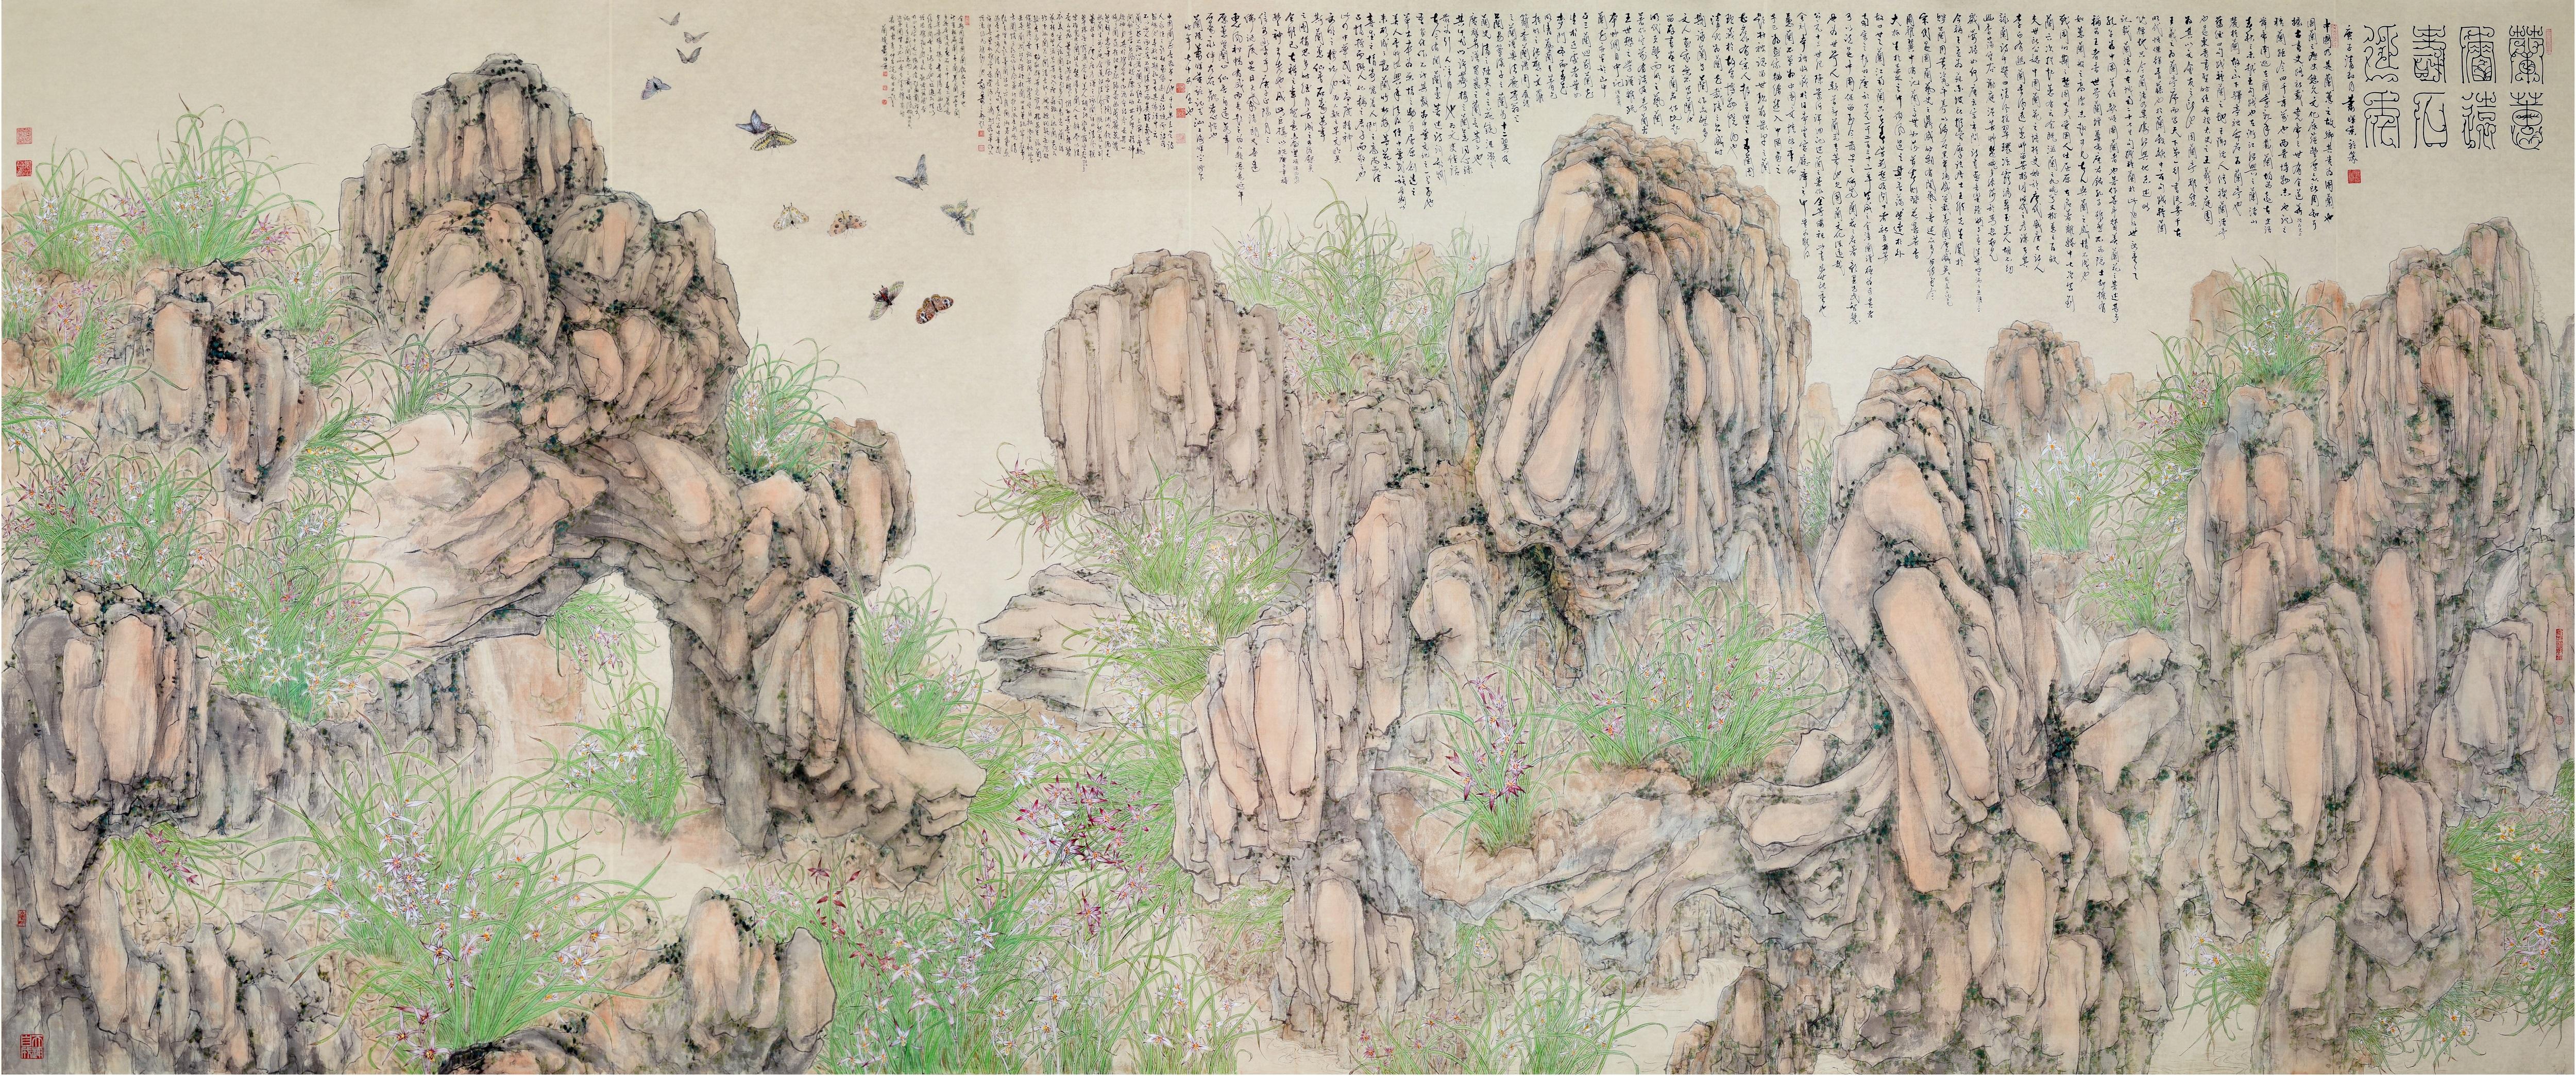 【艺术】收藏「琪」观:石奇含天地